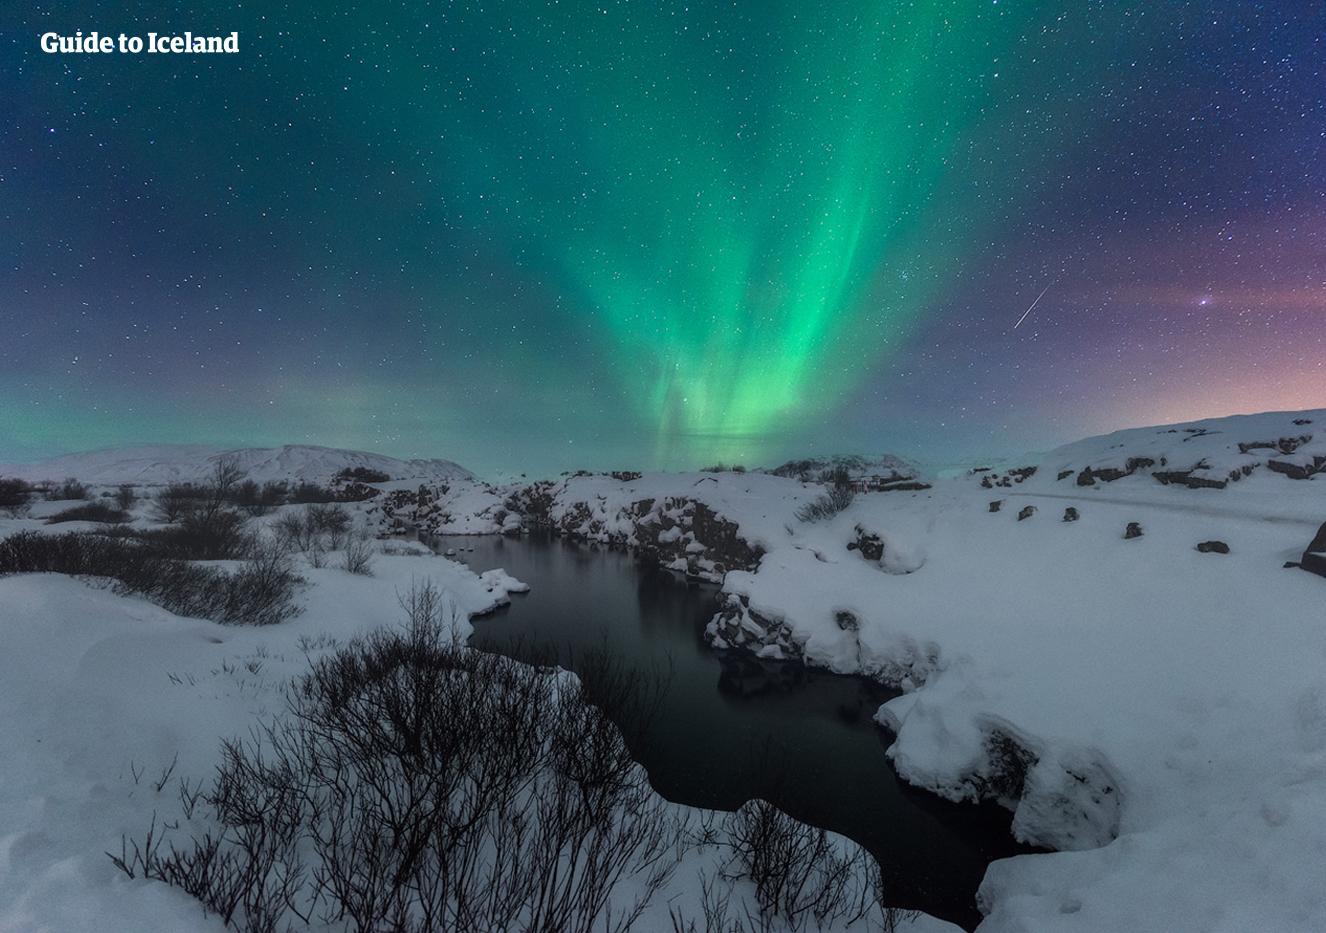 겨울철 오로라가 춤추는 씽벨리르 국립공원은 아이슬란드에서 스노클링을 즐기기에 최적의 장소입니다.